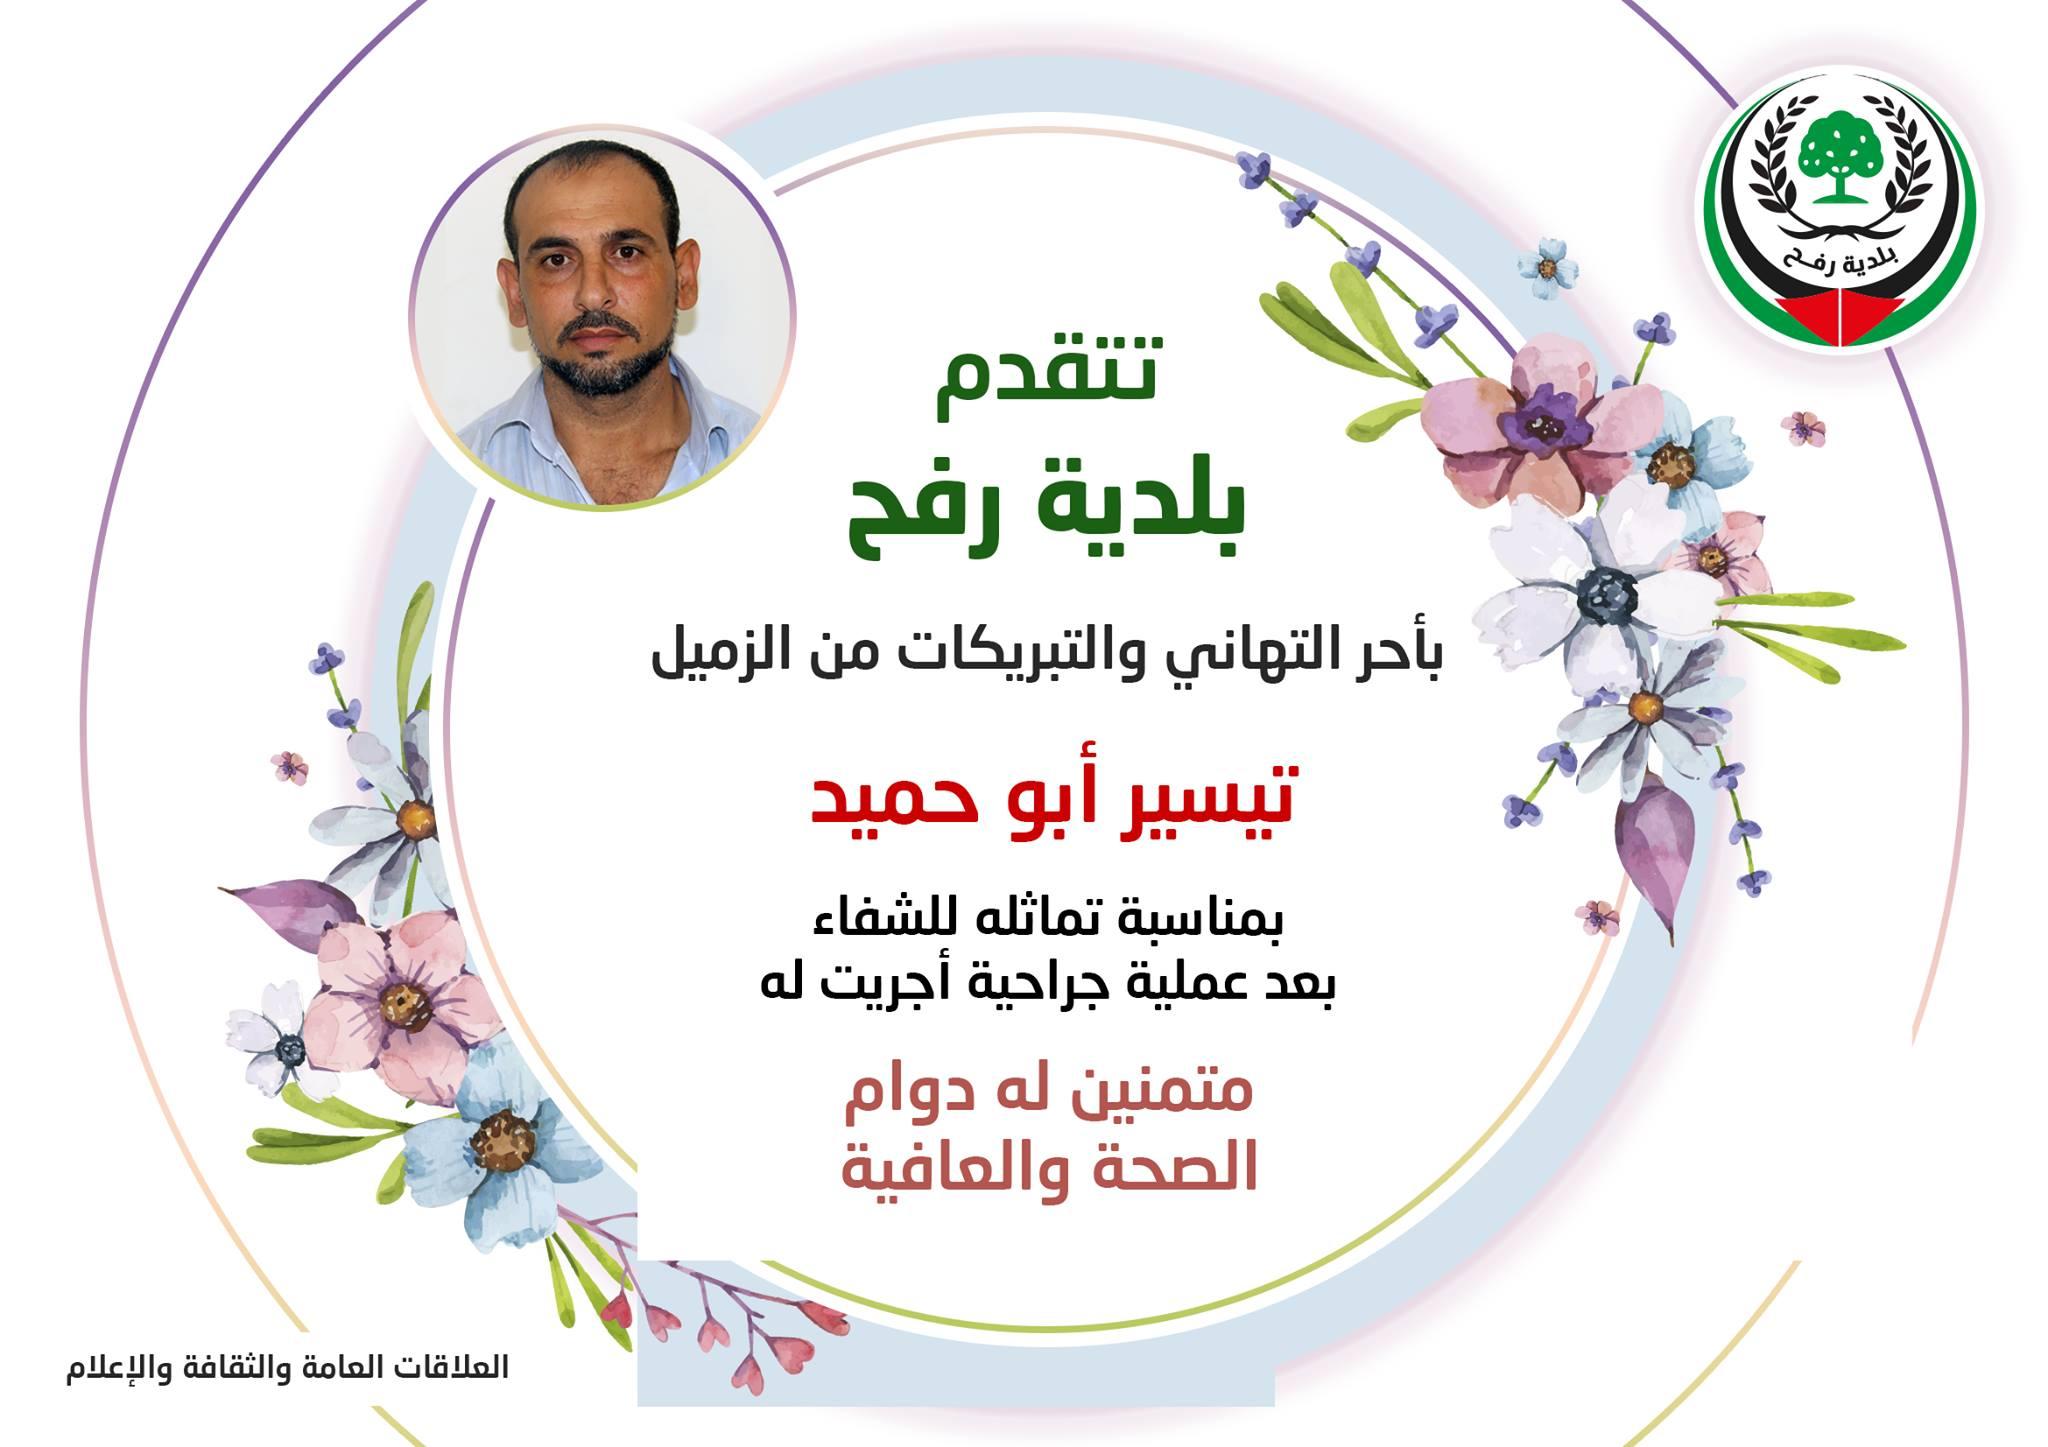 تهنئة للزميل تيسير أبو حميد بمناسبة الشفاء